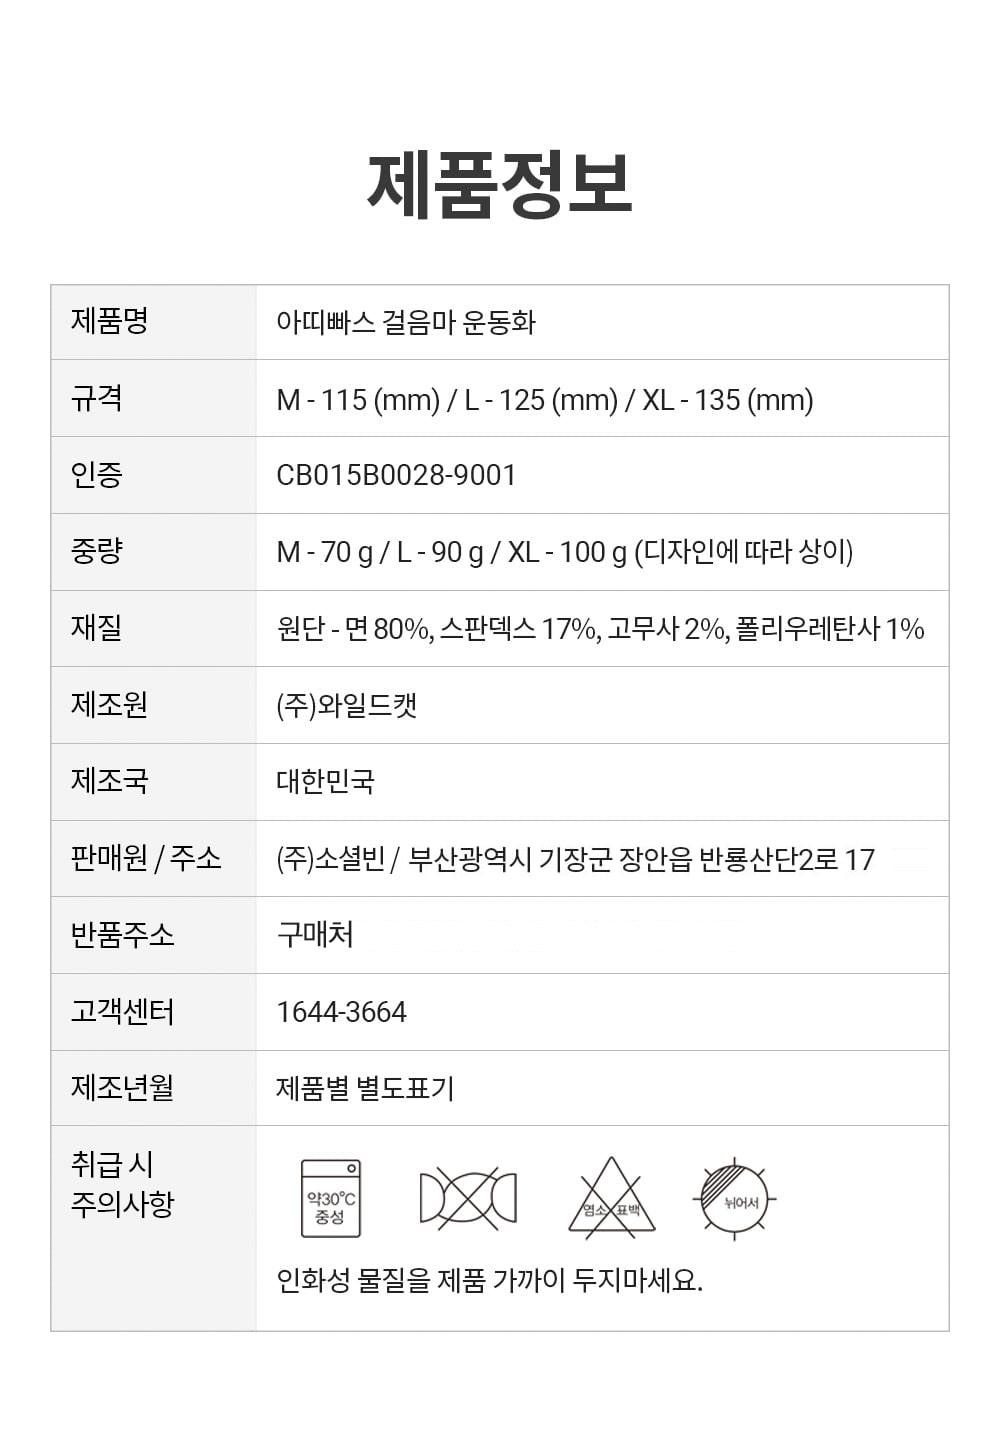 아띠빠스 제품 정보